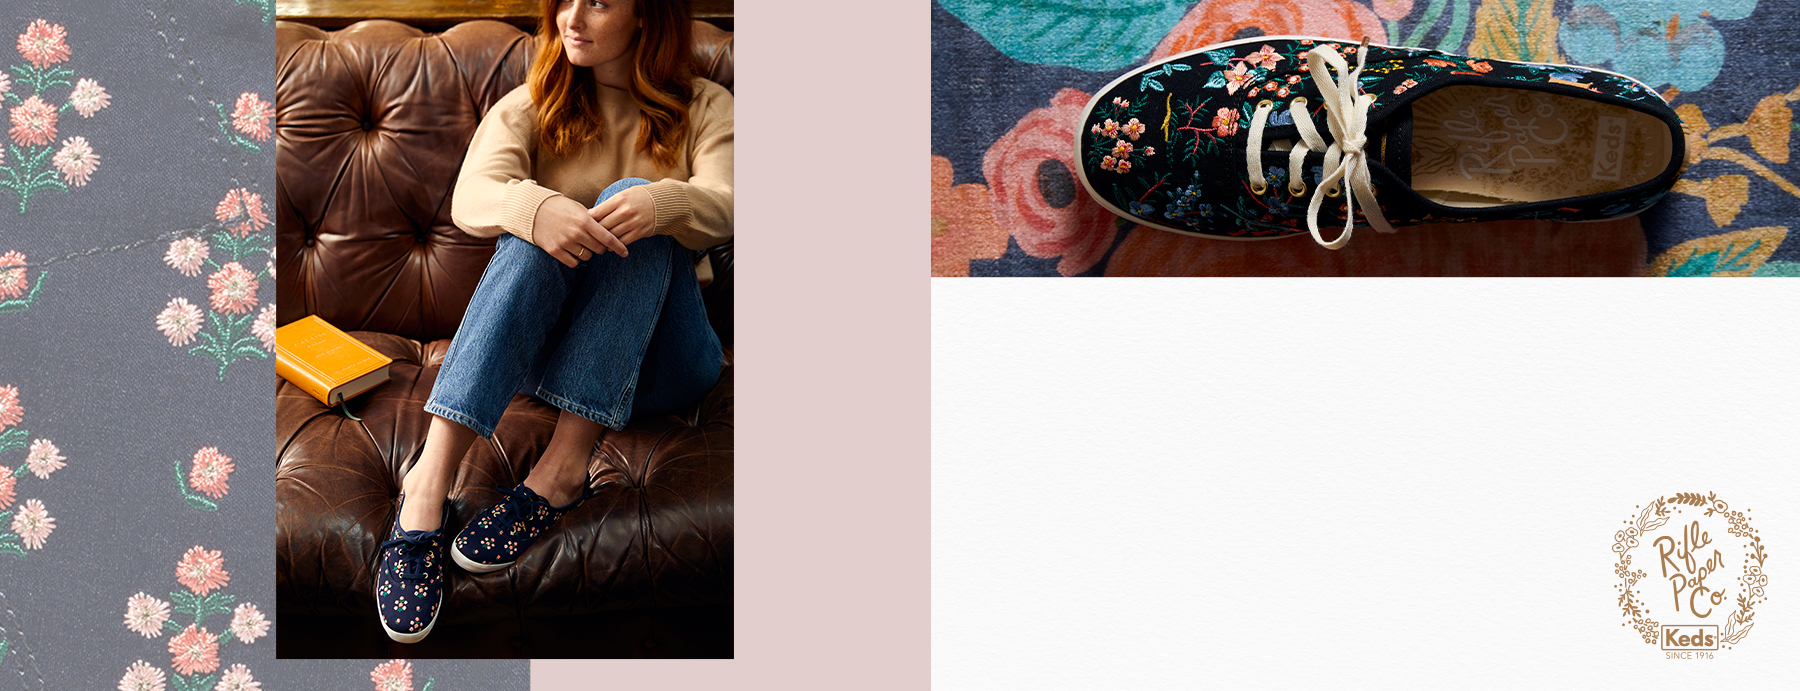 Keds x Rifle Paper Co. Floral Shoes